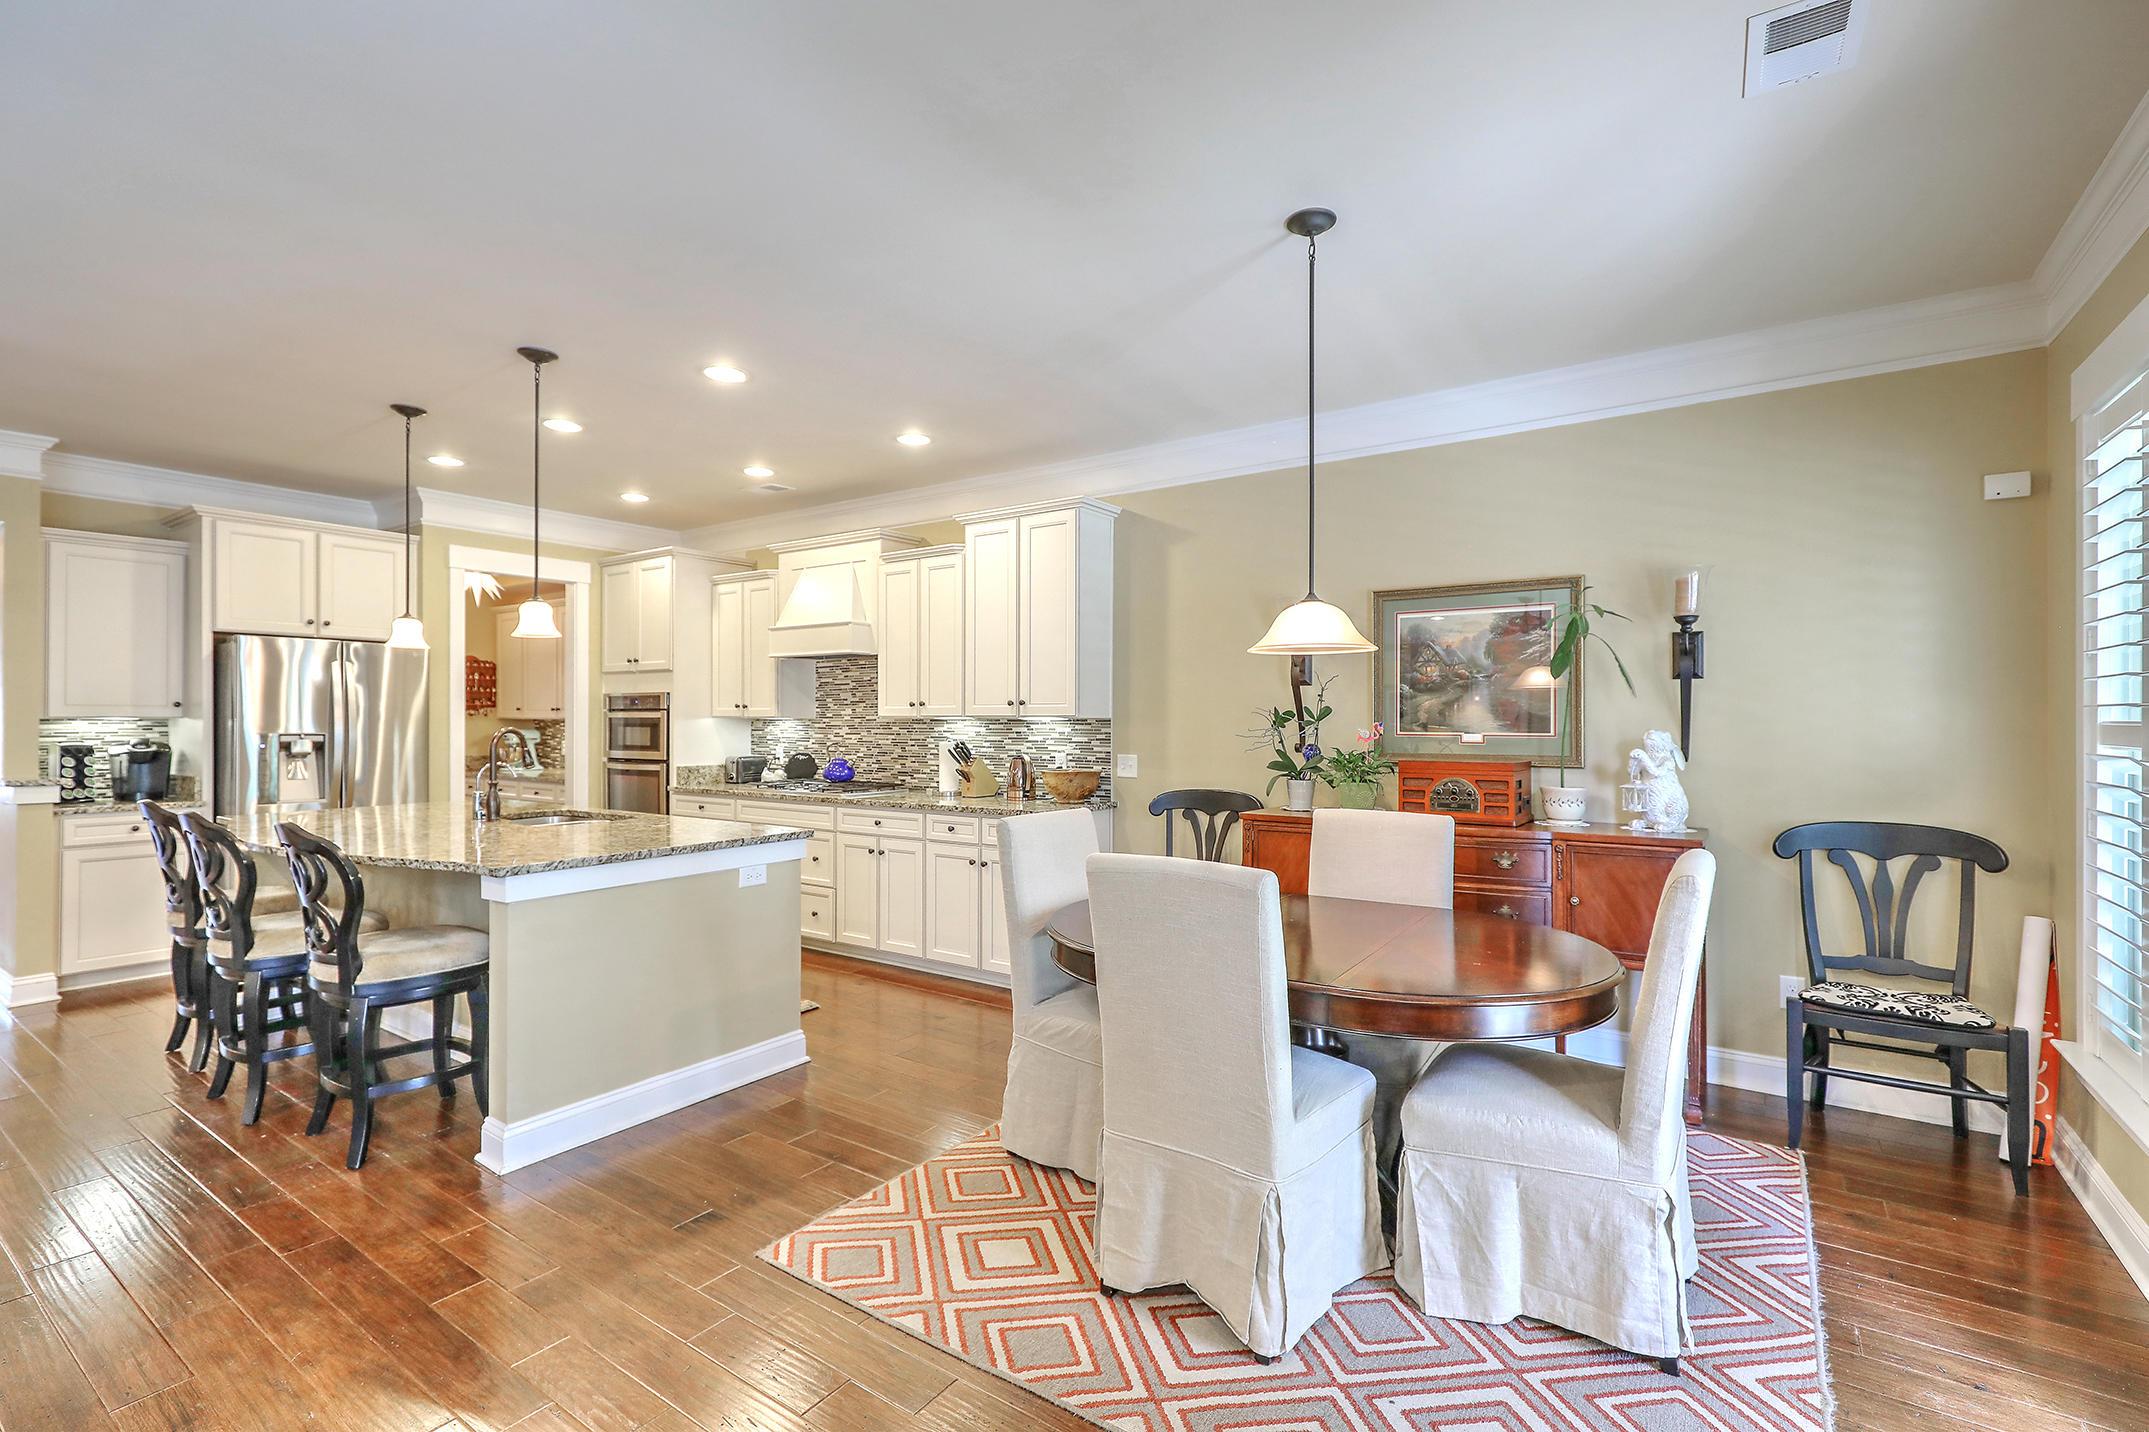 Simmons Grove Homes For Sale - 211 President, Summerville, SC - 16